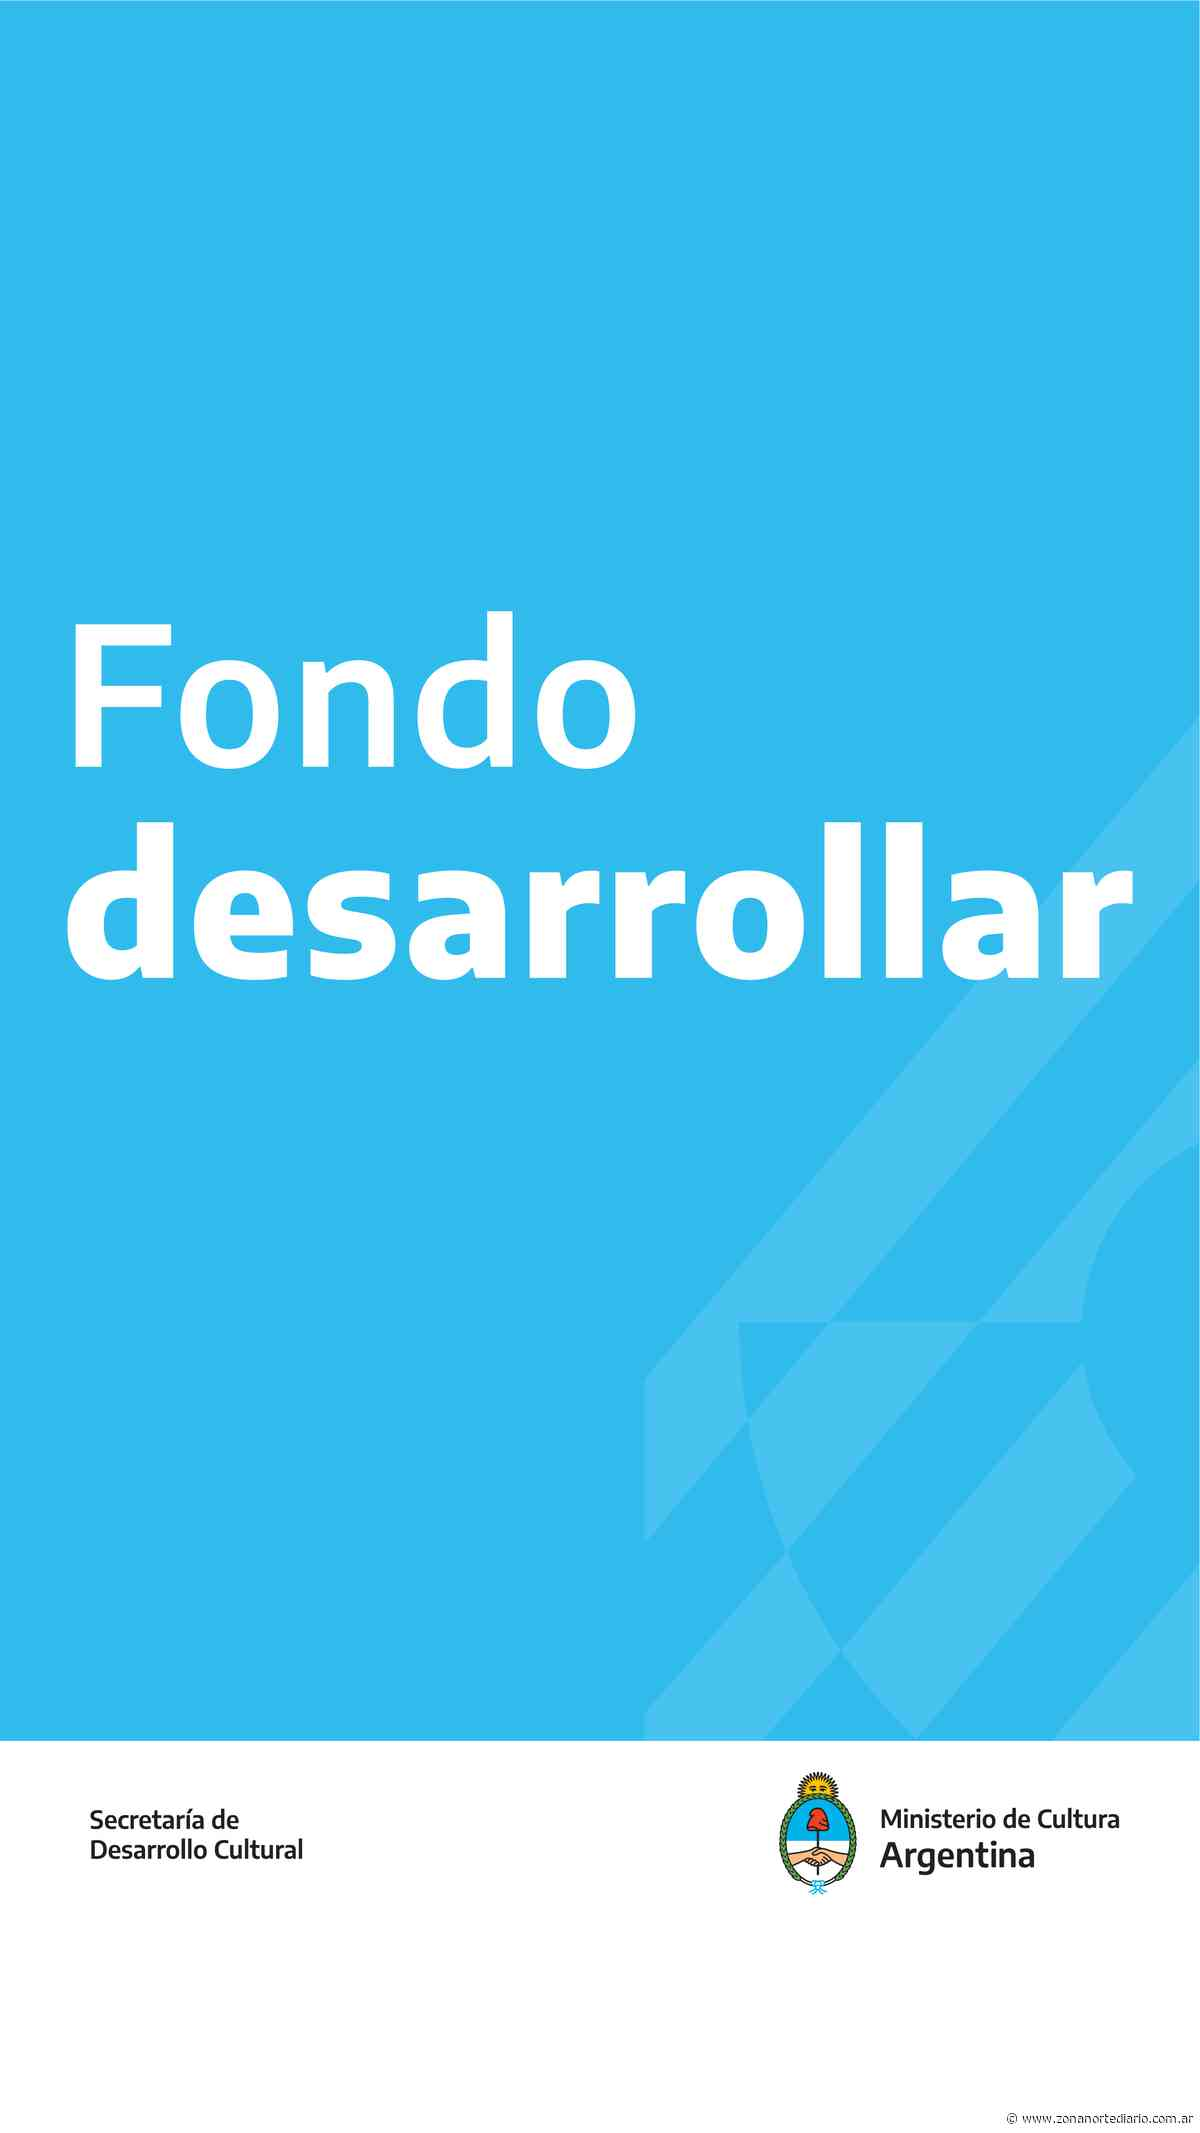 Espacios Culturales beneficiados por el Fondo Desarrollar en: Del Viso, Don Torcuato, Florida, Villa Martelli, Villa Ballester y Tigre - Zona Norte Diario OnLine